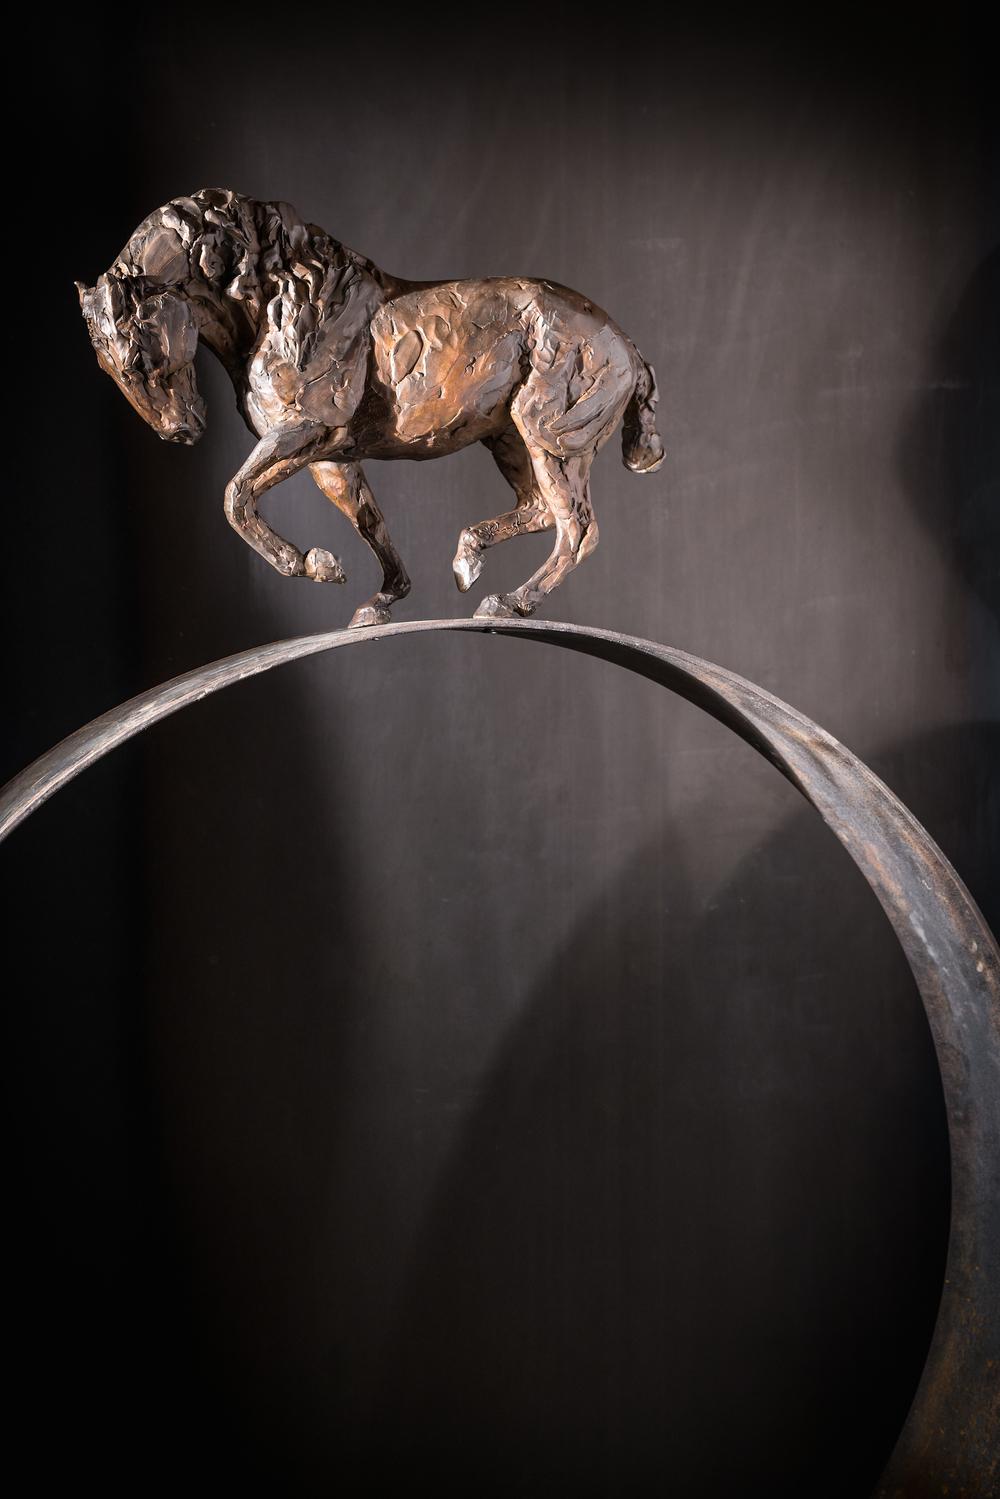 Precarious l  Bronze  l  56x36x6  l  $8,700